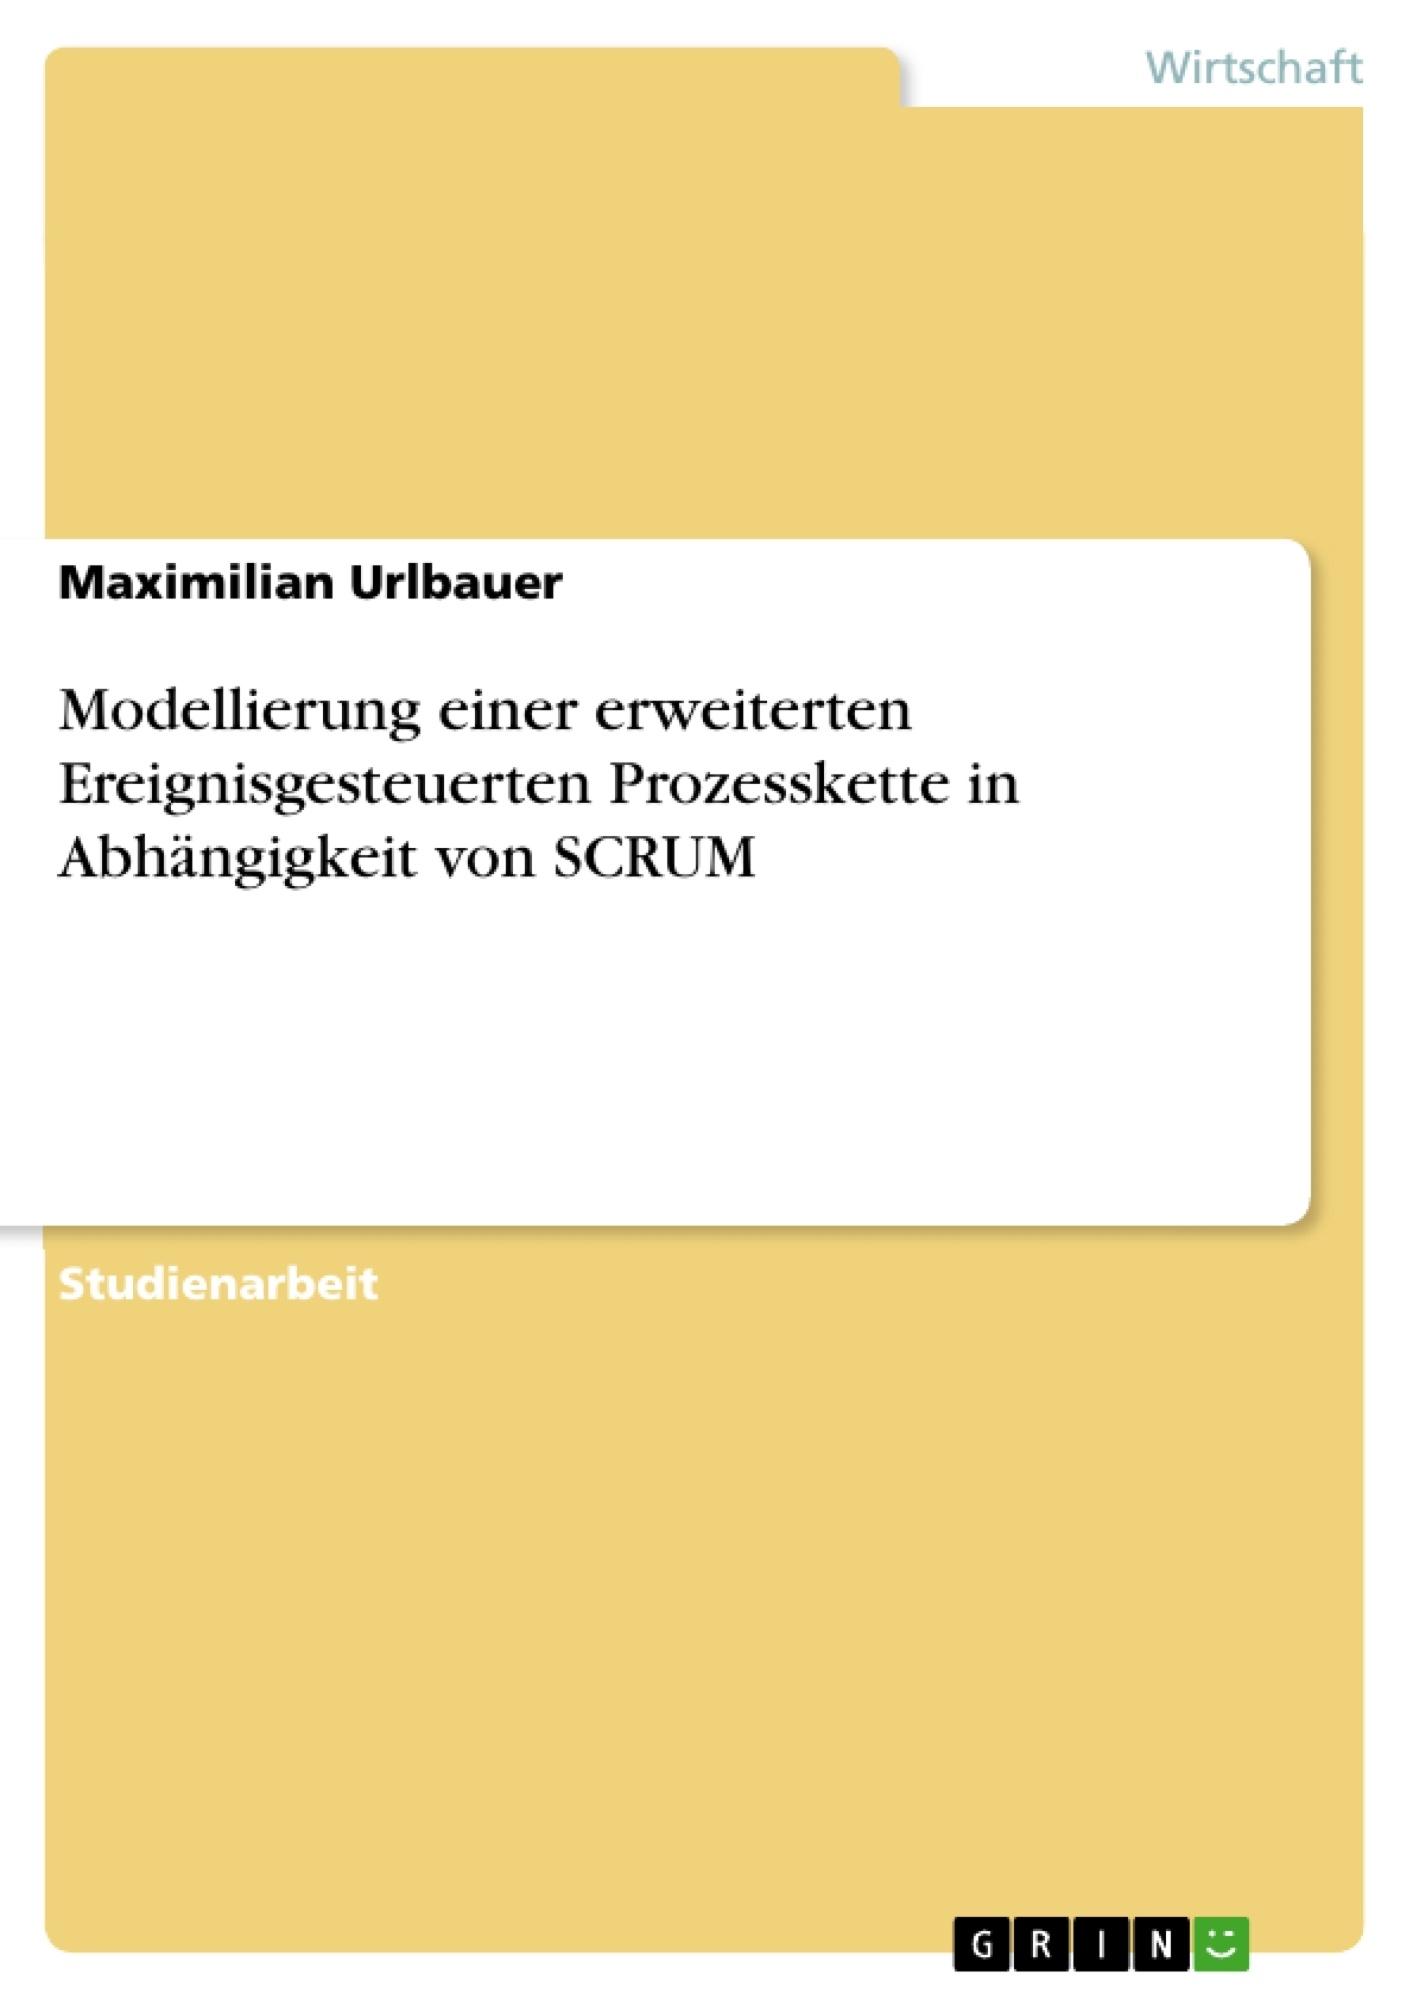 Titel: Modellierung einer erweiterten Ereignisgesteuerten Prozesskette in Abhängigkeit von SCRUM